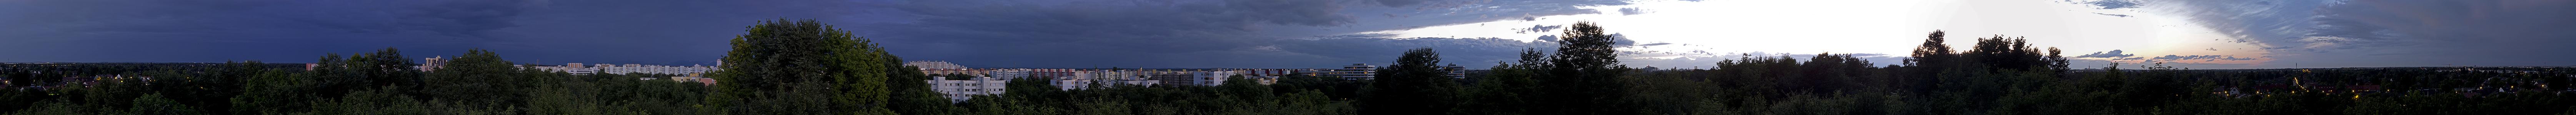 München Ostpark mit Ausblicken auf  Neuperlach, Ramersdorf, Berg am Laim und Trudering